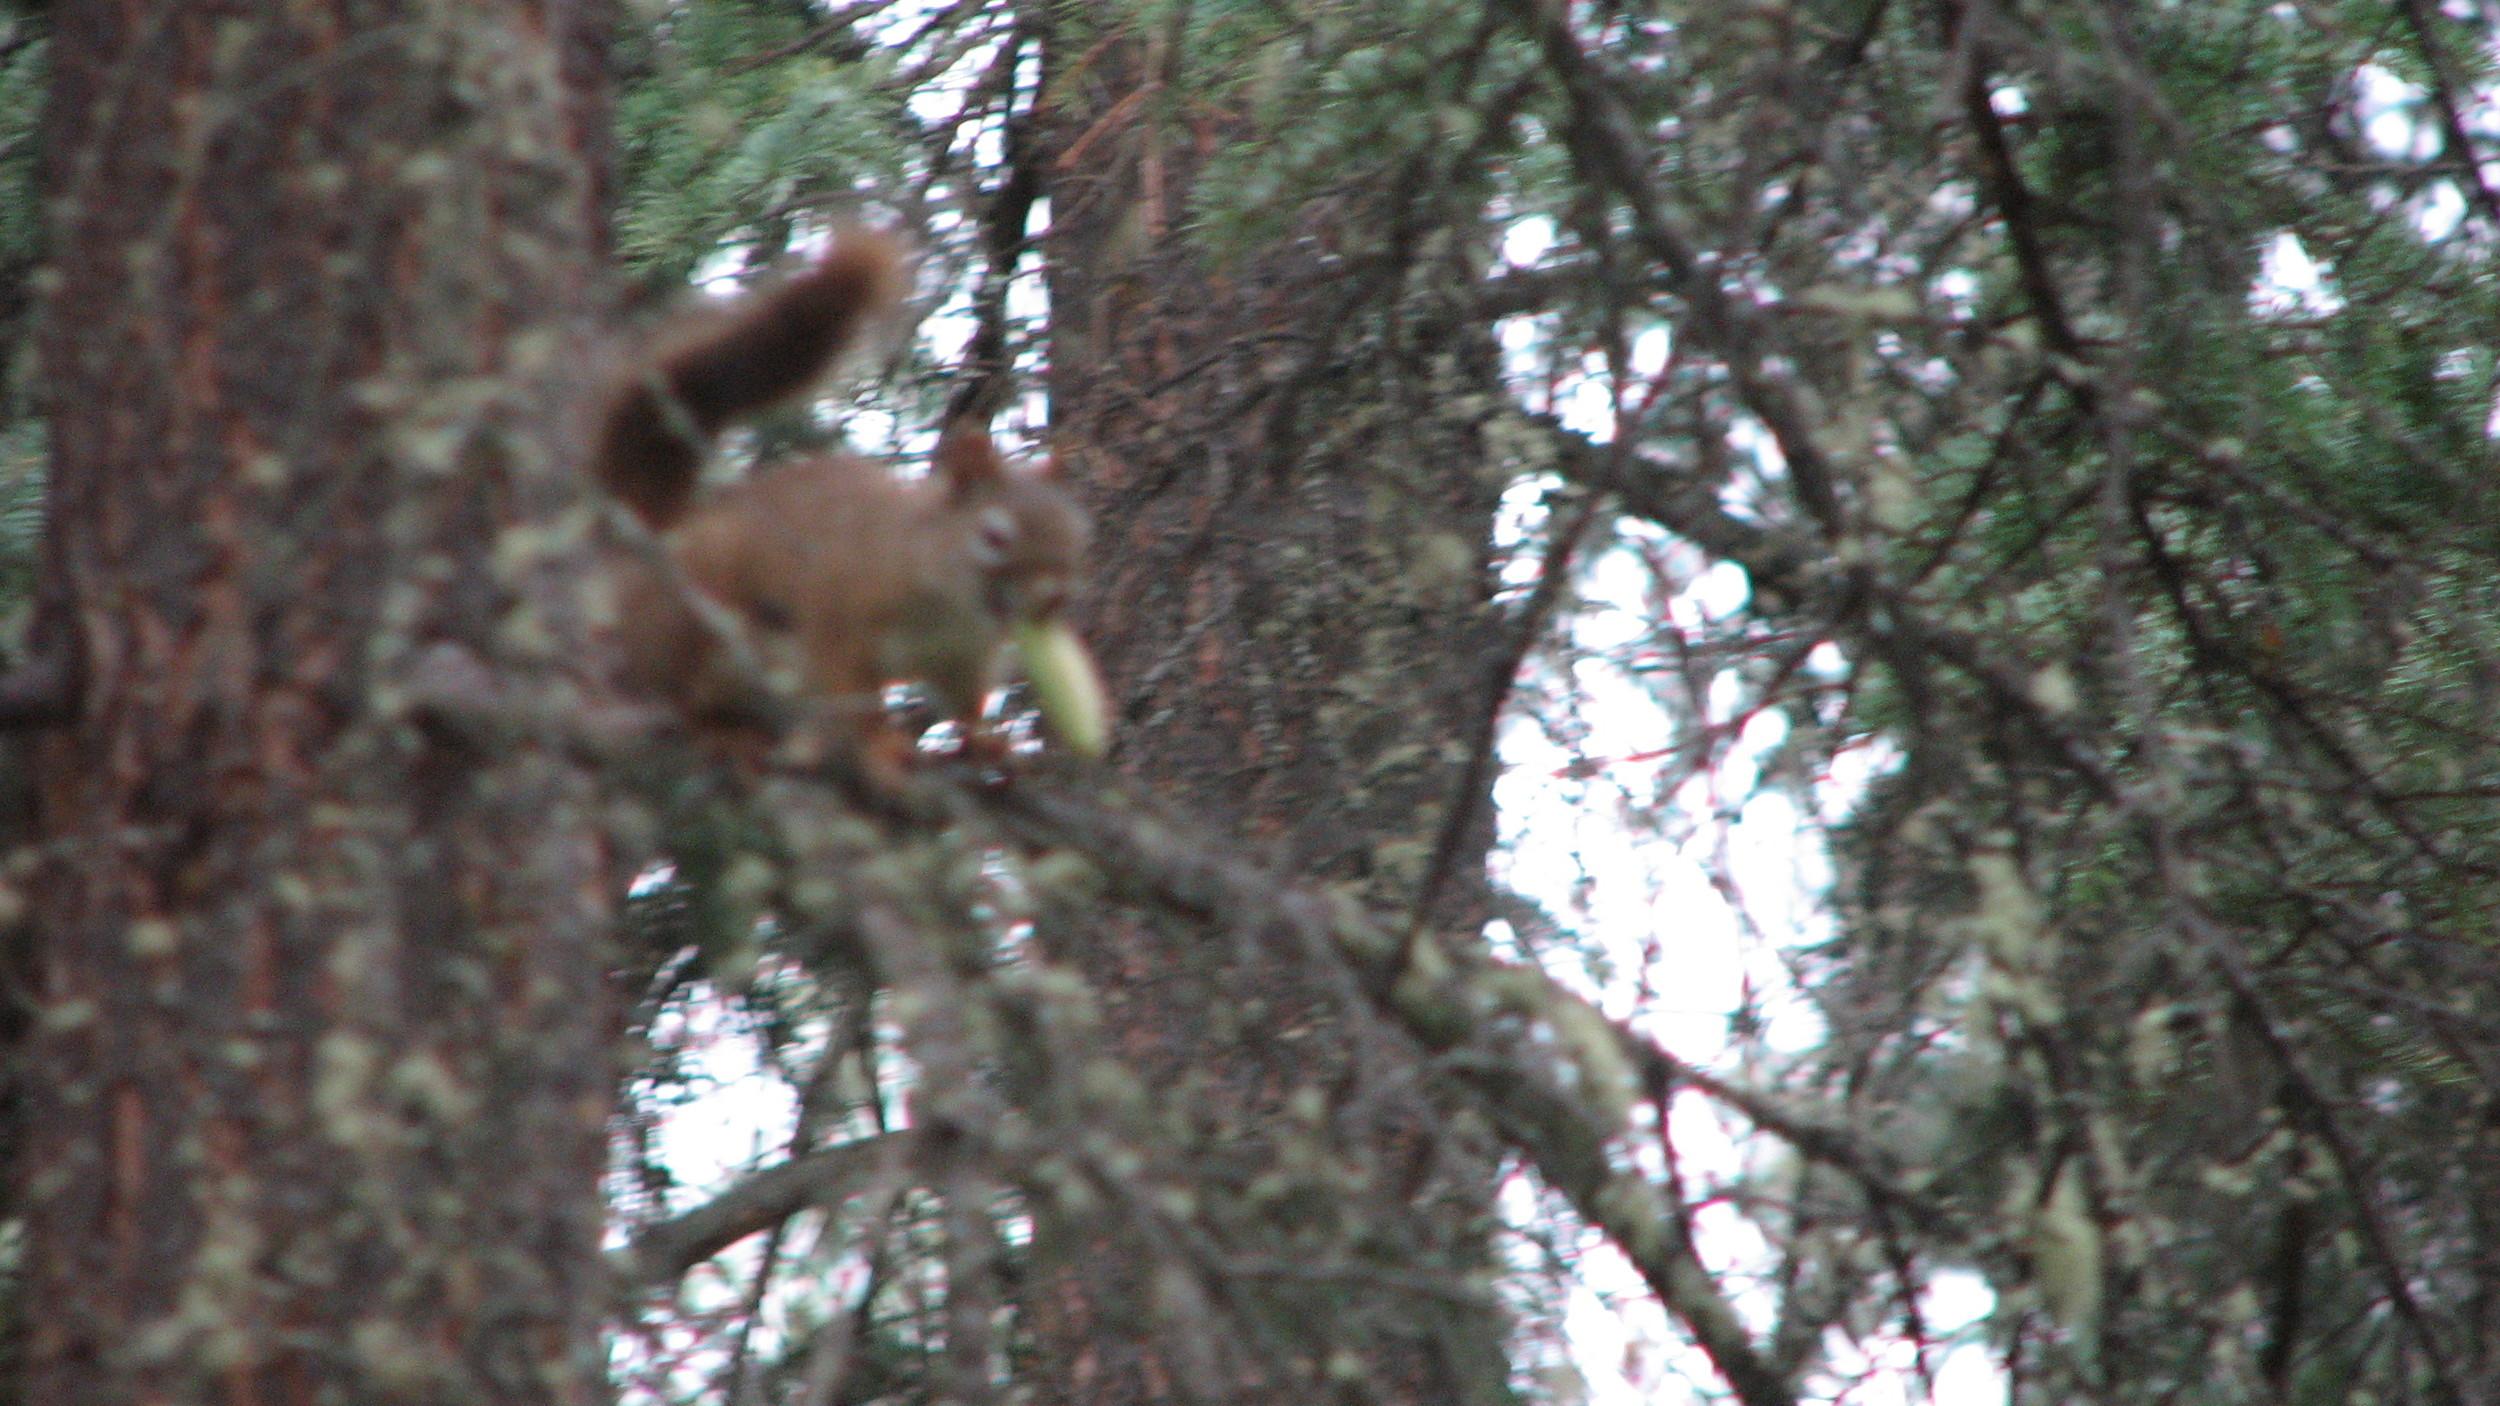 Autofocus: 0, Squirrel: 1